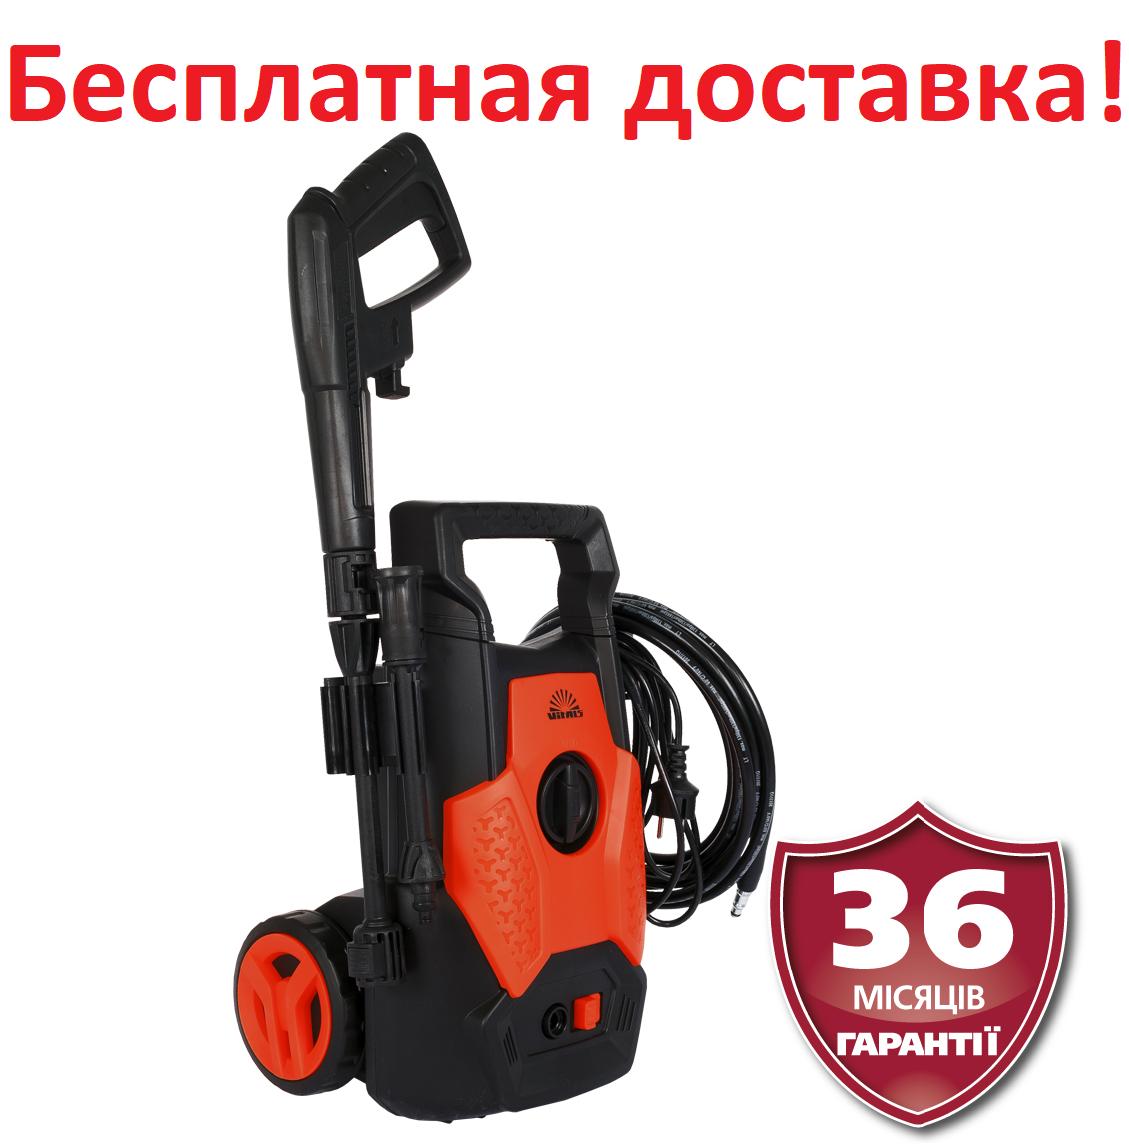 Мийка високого тиску 100 бар, 1,2 кВт, Латвія, Vitals Am 6.5-100w compact для авто